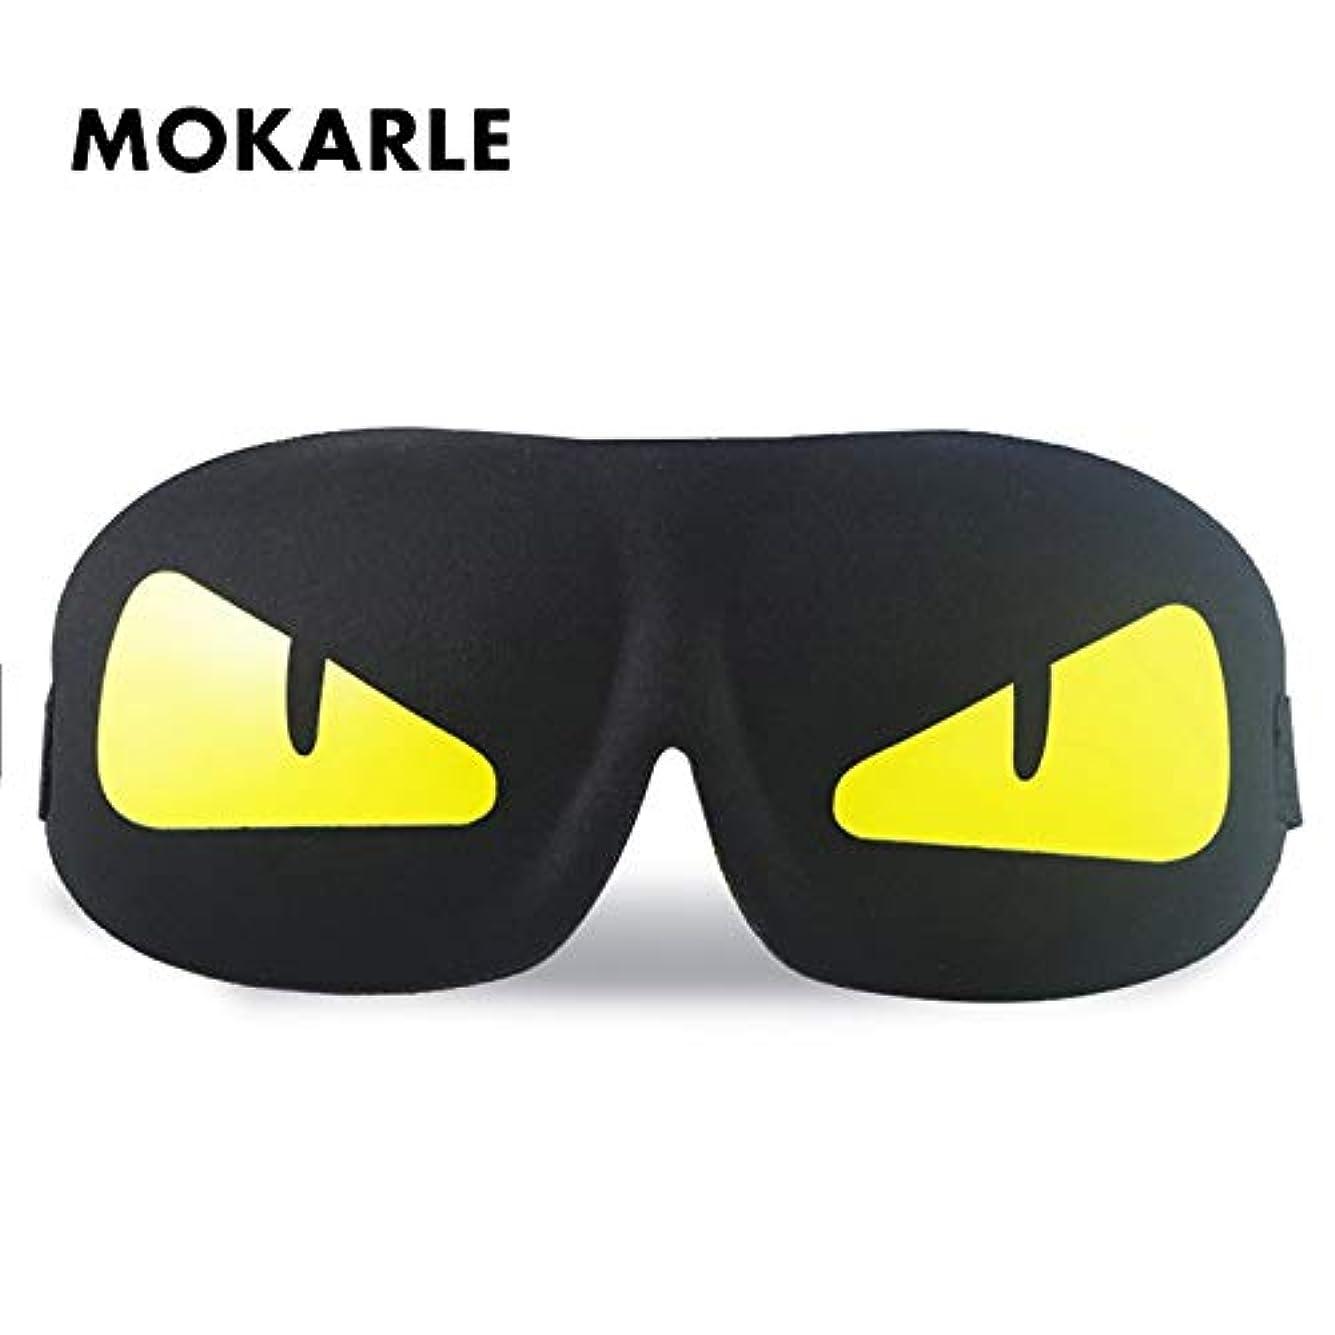 エキス事実ヒューバートハドソンNOTE 漫画アイマスク睡眠3d遮光アウト睡眠マスクかわいいパターン睡眠補助旅行残りの通気性の目隠しより良い睡眠